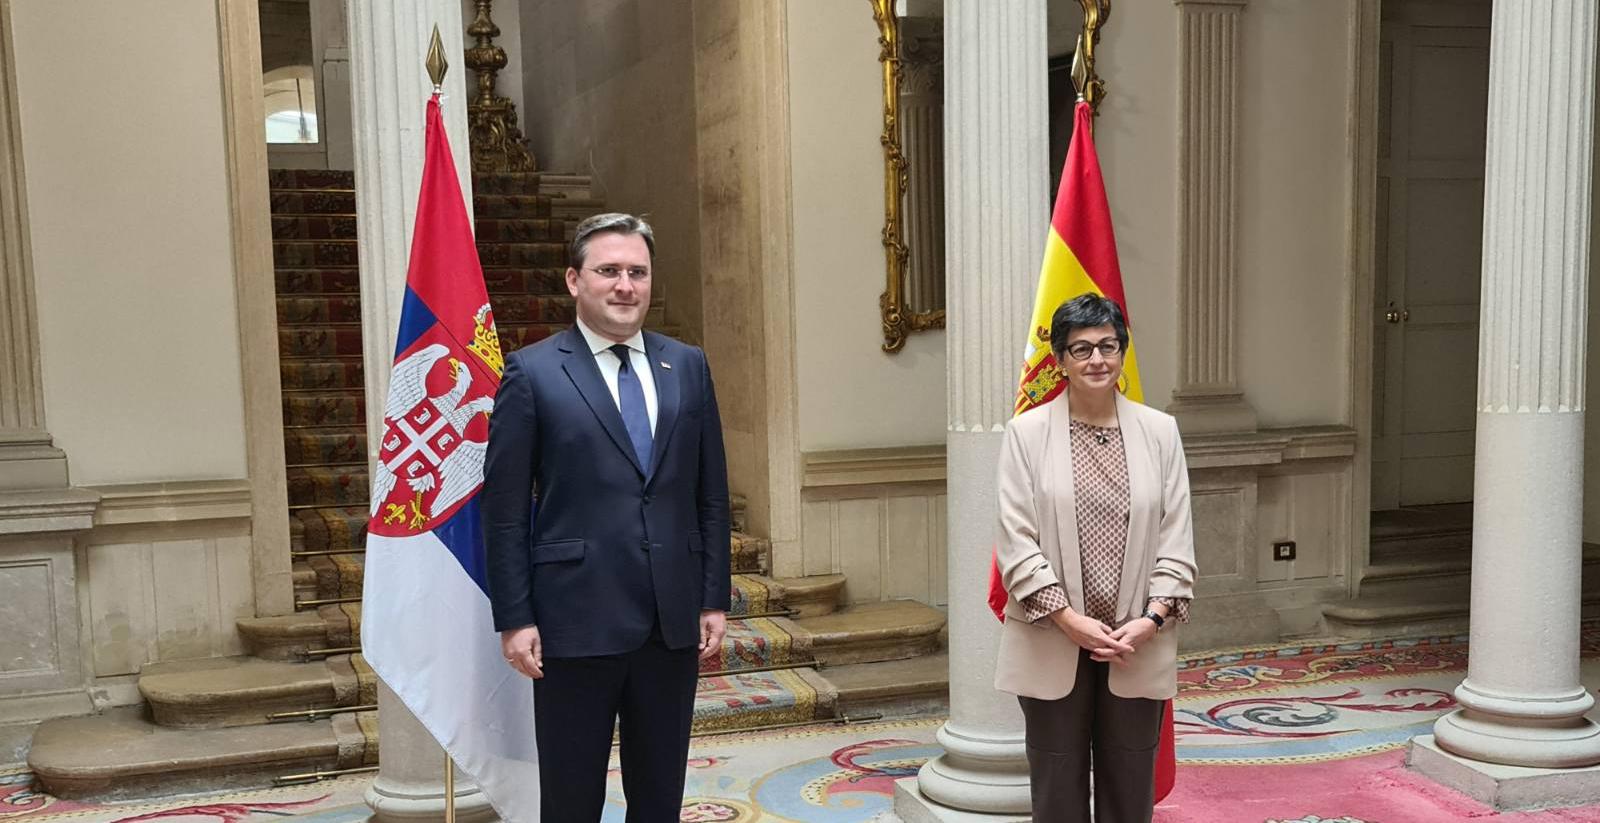 Madrid: Srbija može da računa na iskrenu podršku Španije u pogledu očuvanja njenog teritorijalnog integriteta